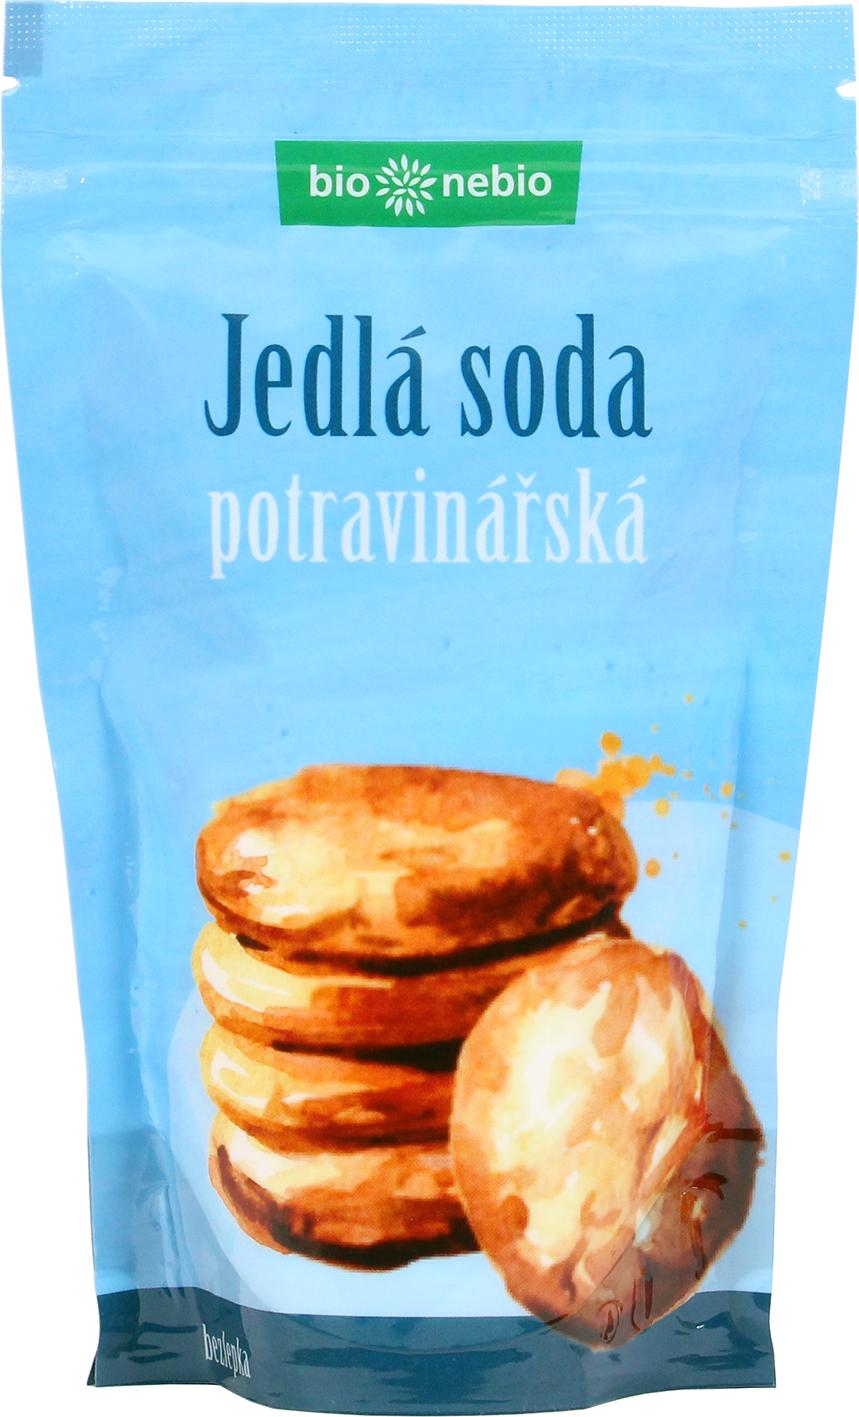 Jedlá soda potravinářská bio*nebio 250 g